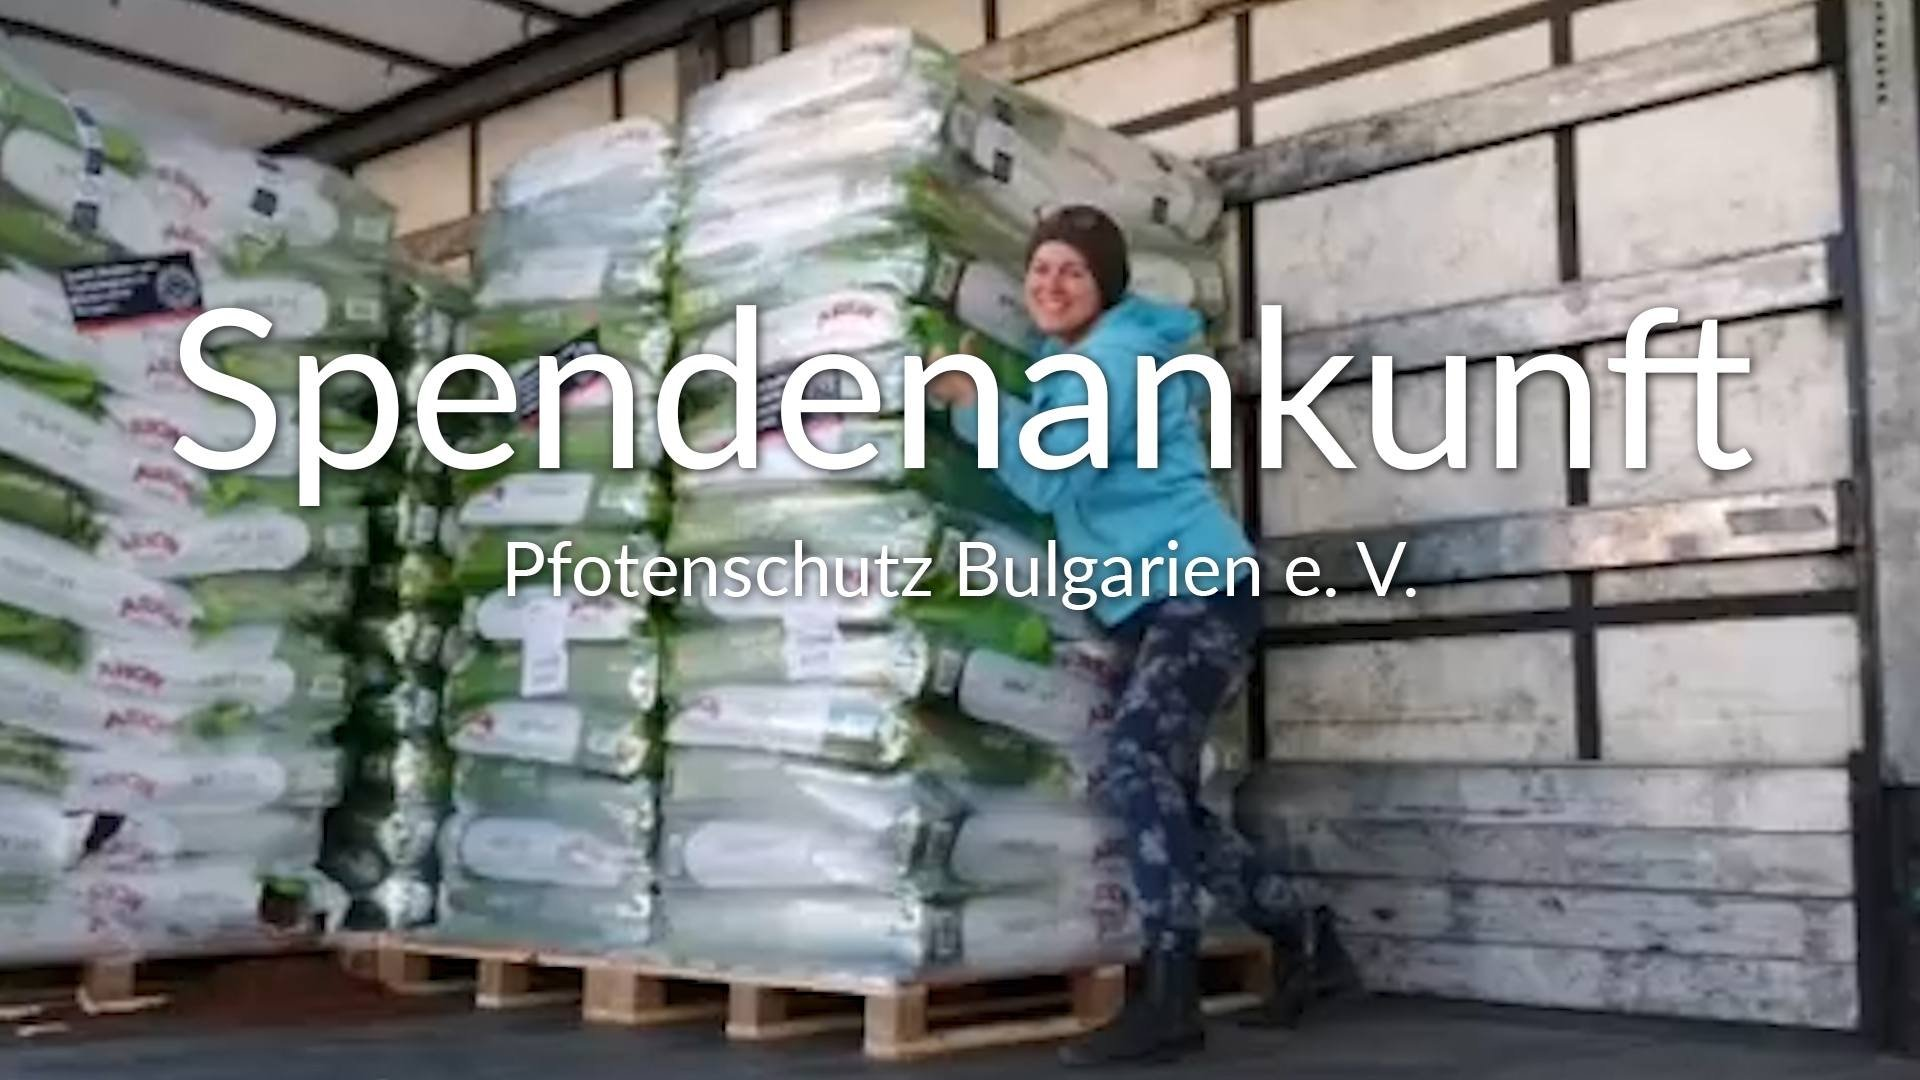 Pfotenschutz Bulgarien SM Thumbnail VIDEO